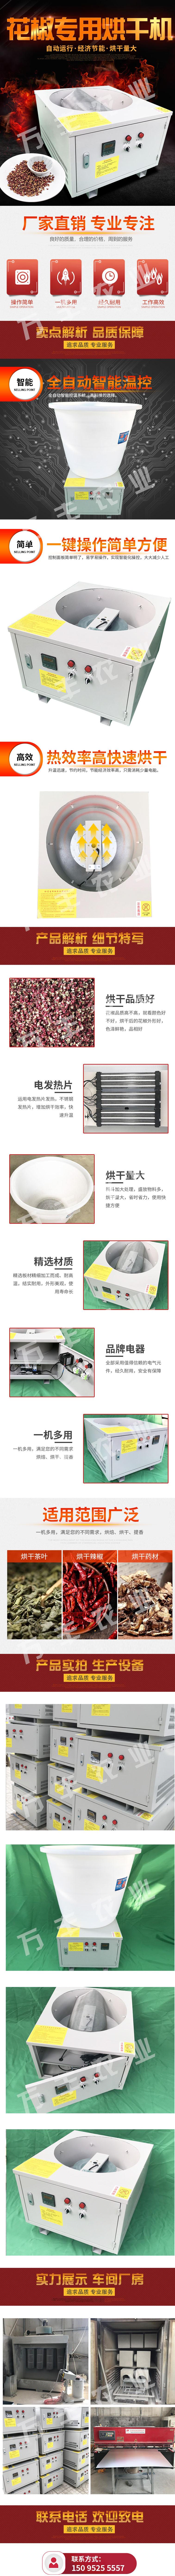 智能电热花椒烘干机